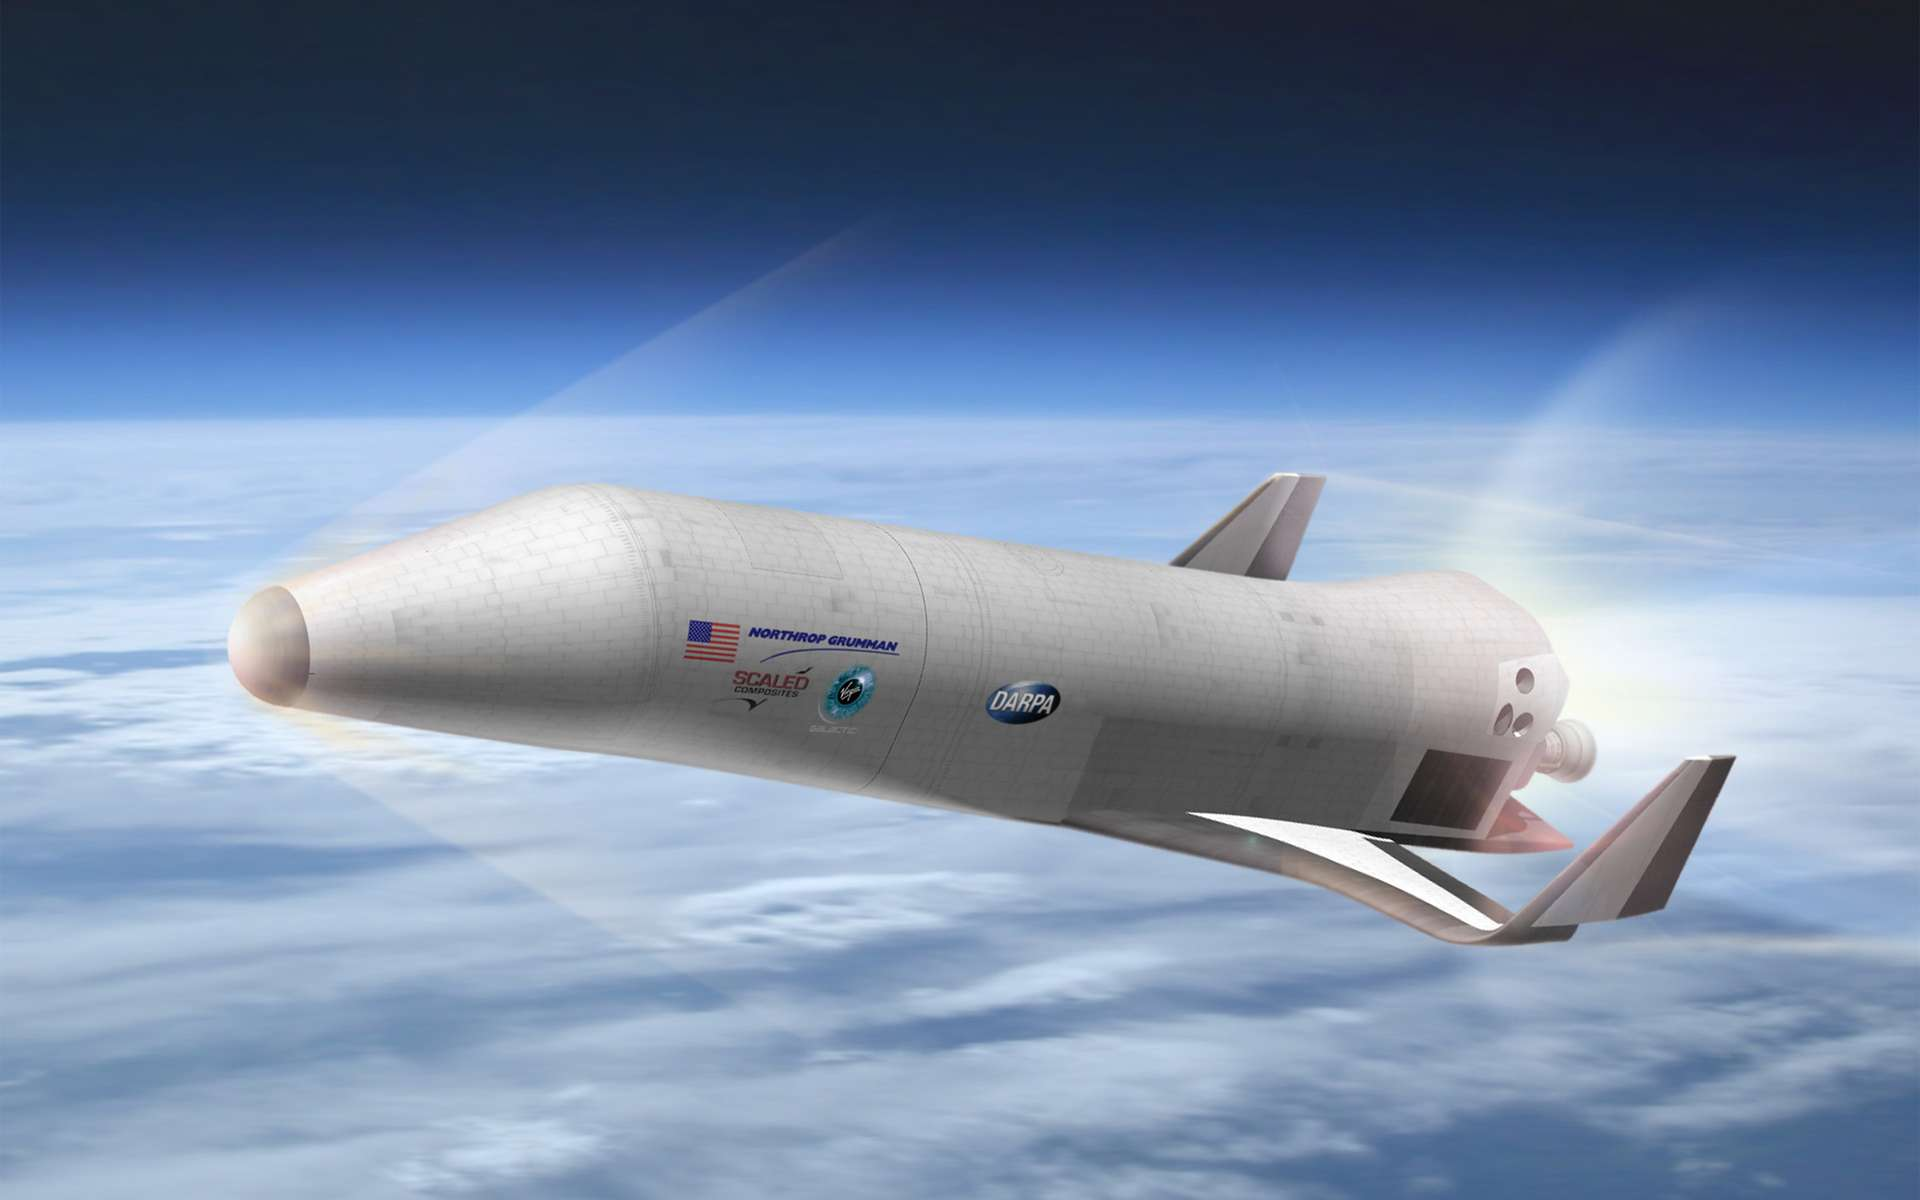 La Darpa (Defense Advanced Research Projects Agency) développe un projet de véhicule suborbital dans le cadre de la première partie du programme XS-1. Ici, le concept proposé par Northrop Grumman, Scaled Composites et Virgin Galactic à l'agence américaine. © Northrop Grumman